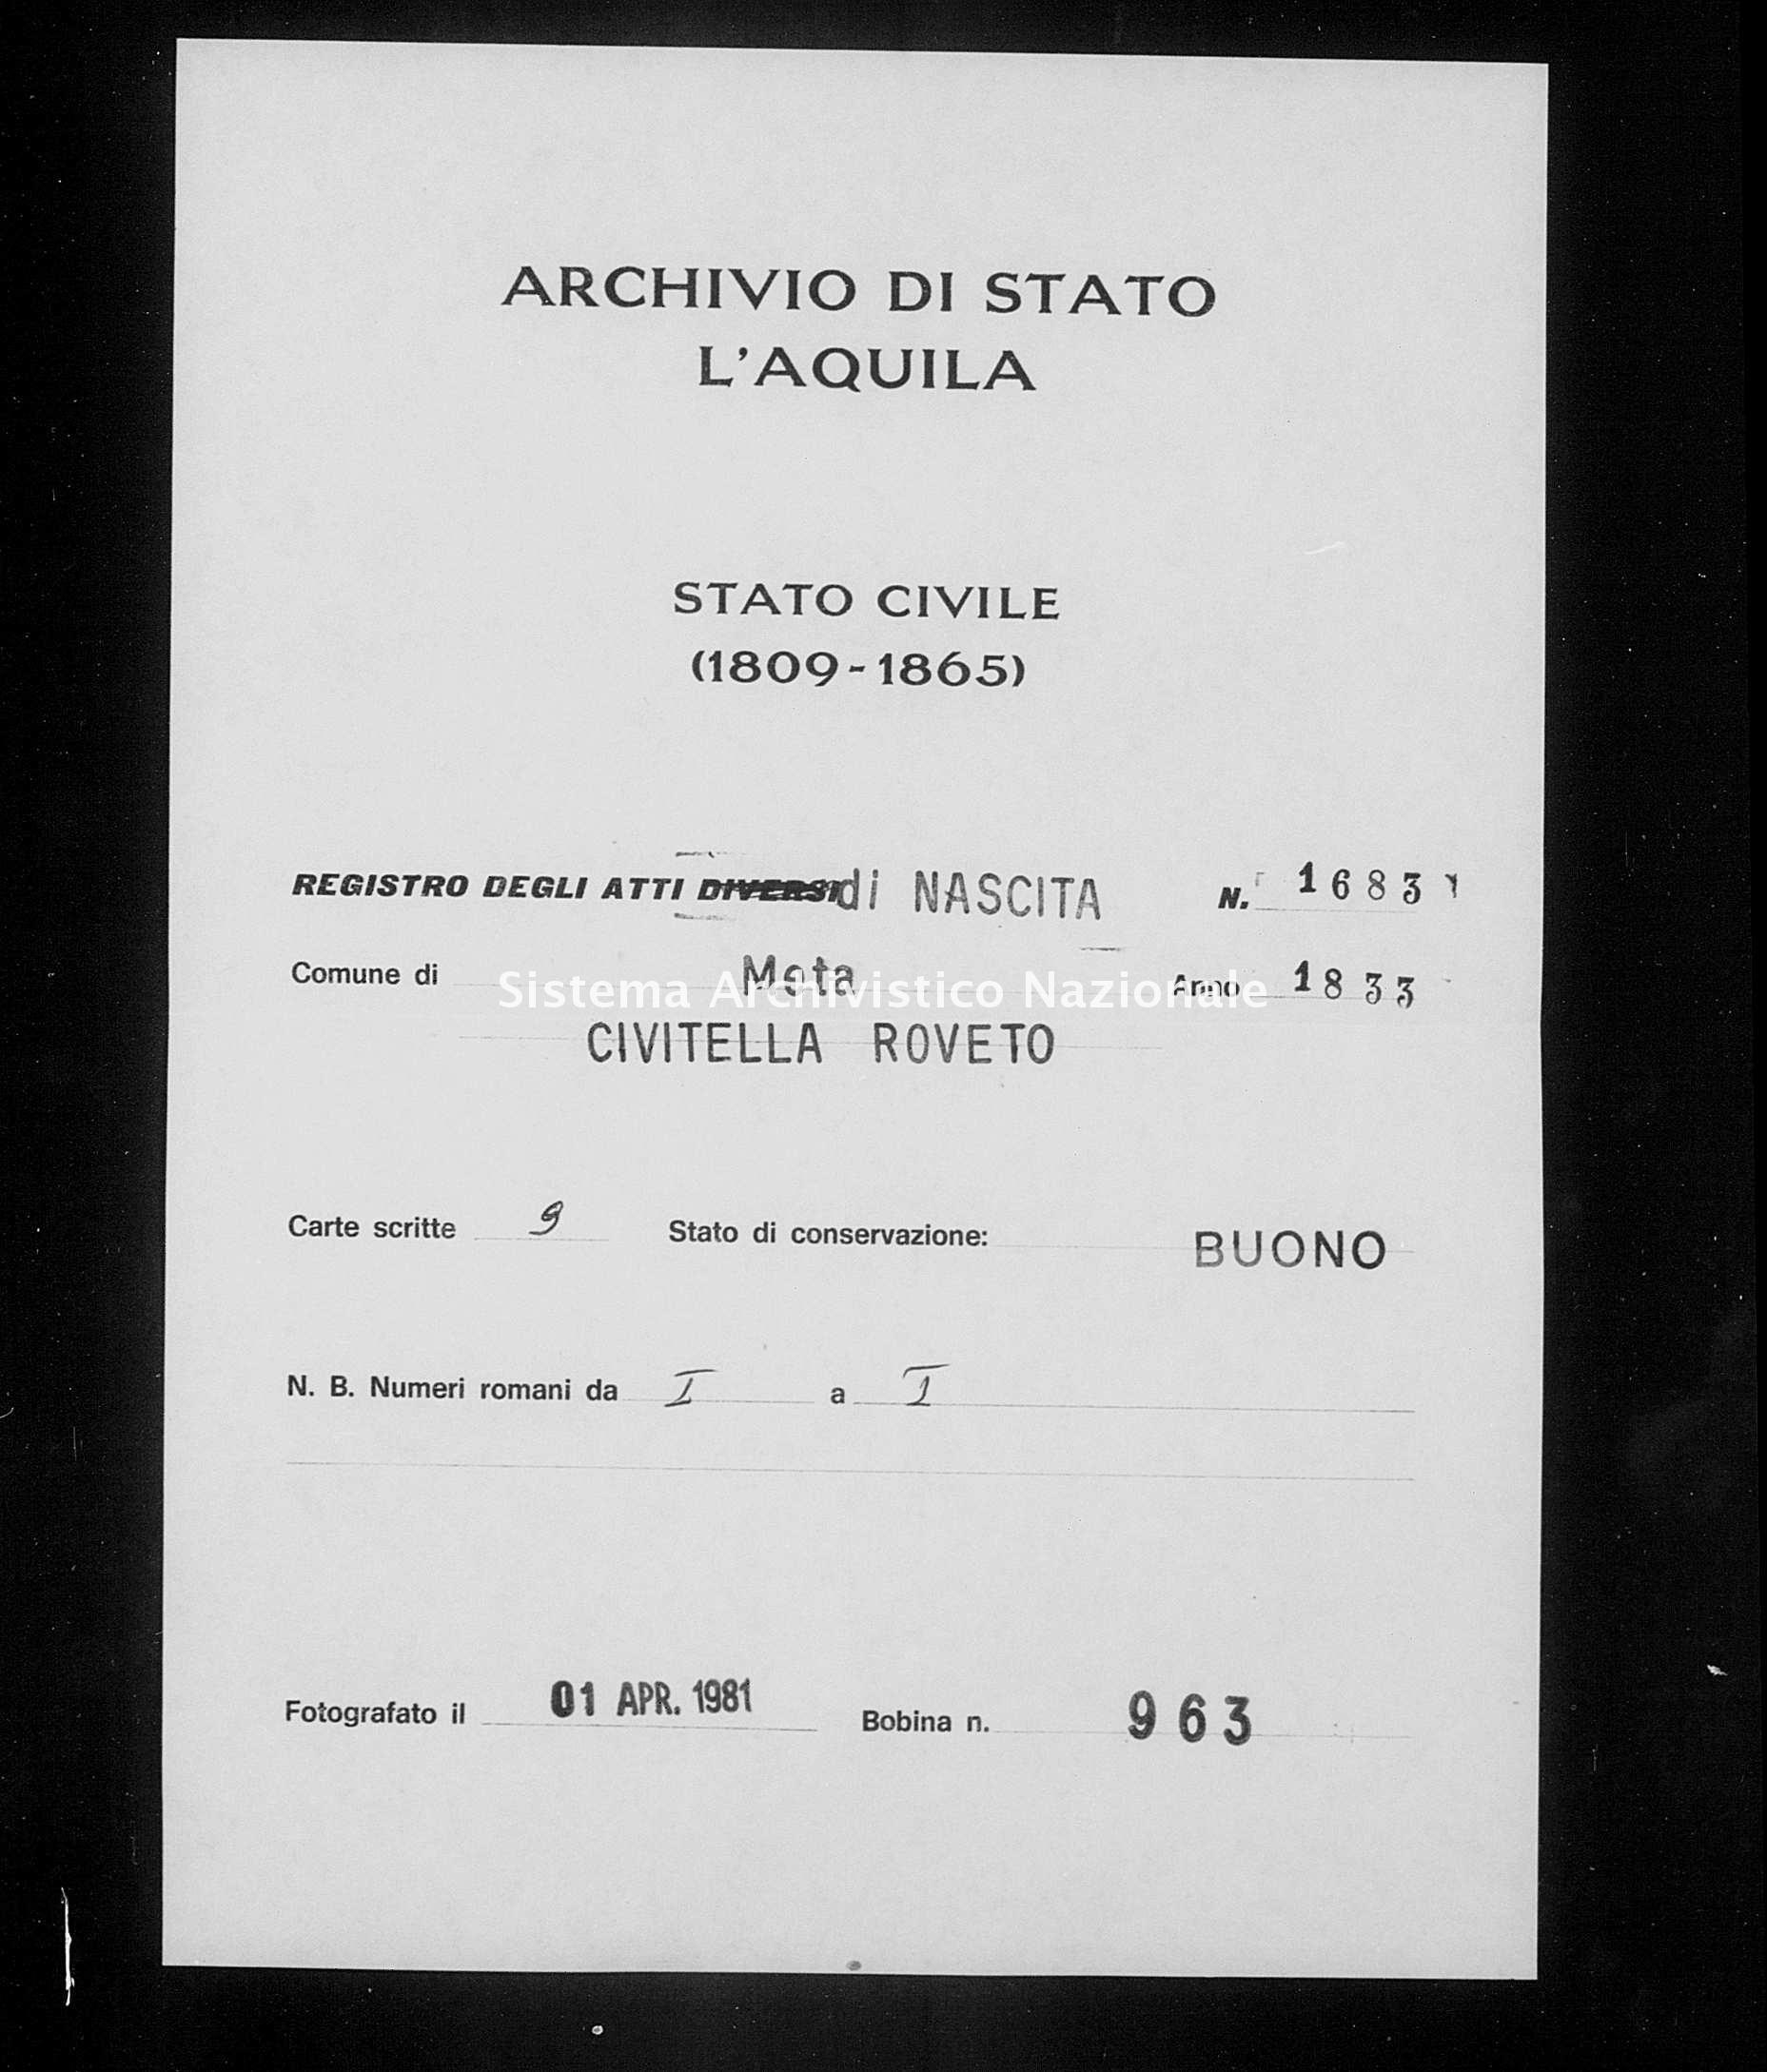 Archivio di stato di L'aquila - Stato civile della restaurazione - Meta - Nati - 1833 - 1683 -